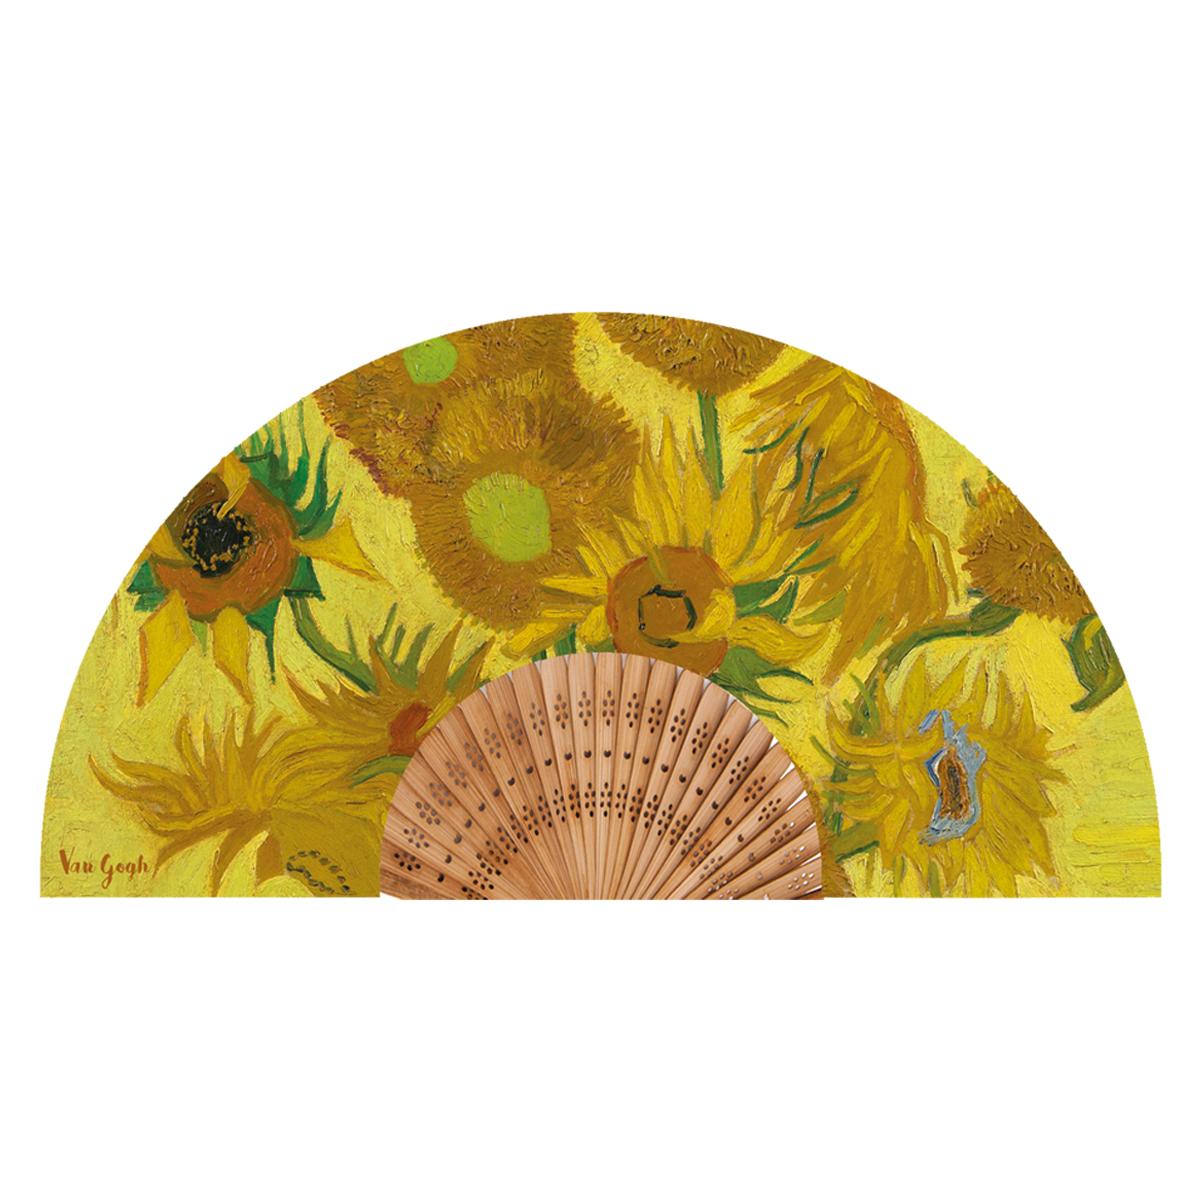 Eventail créateur \'Vincent Van Gogh\' (Les Tournesols) - ouvert 37x21 cm - [Q9276]